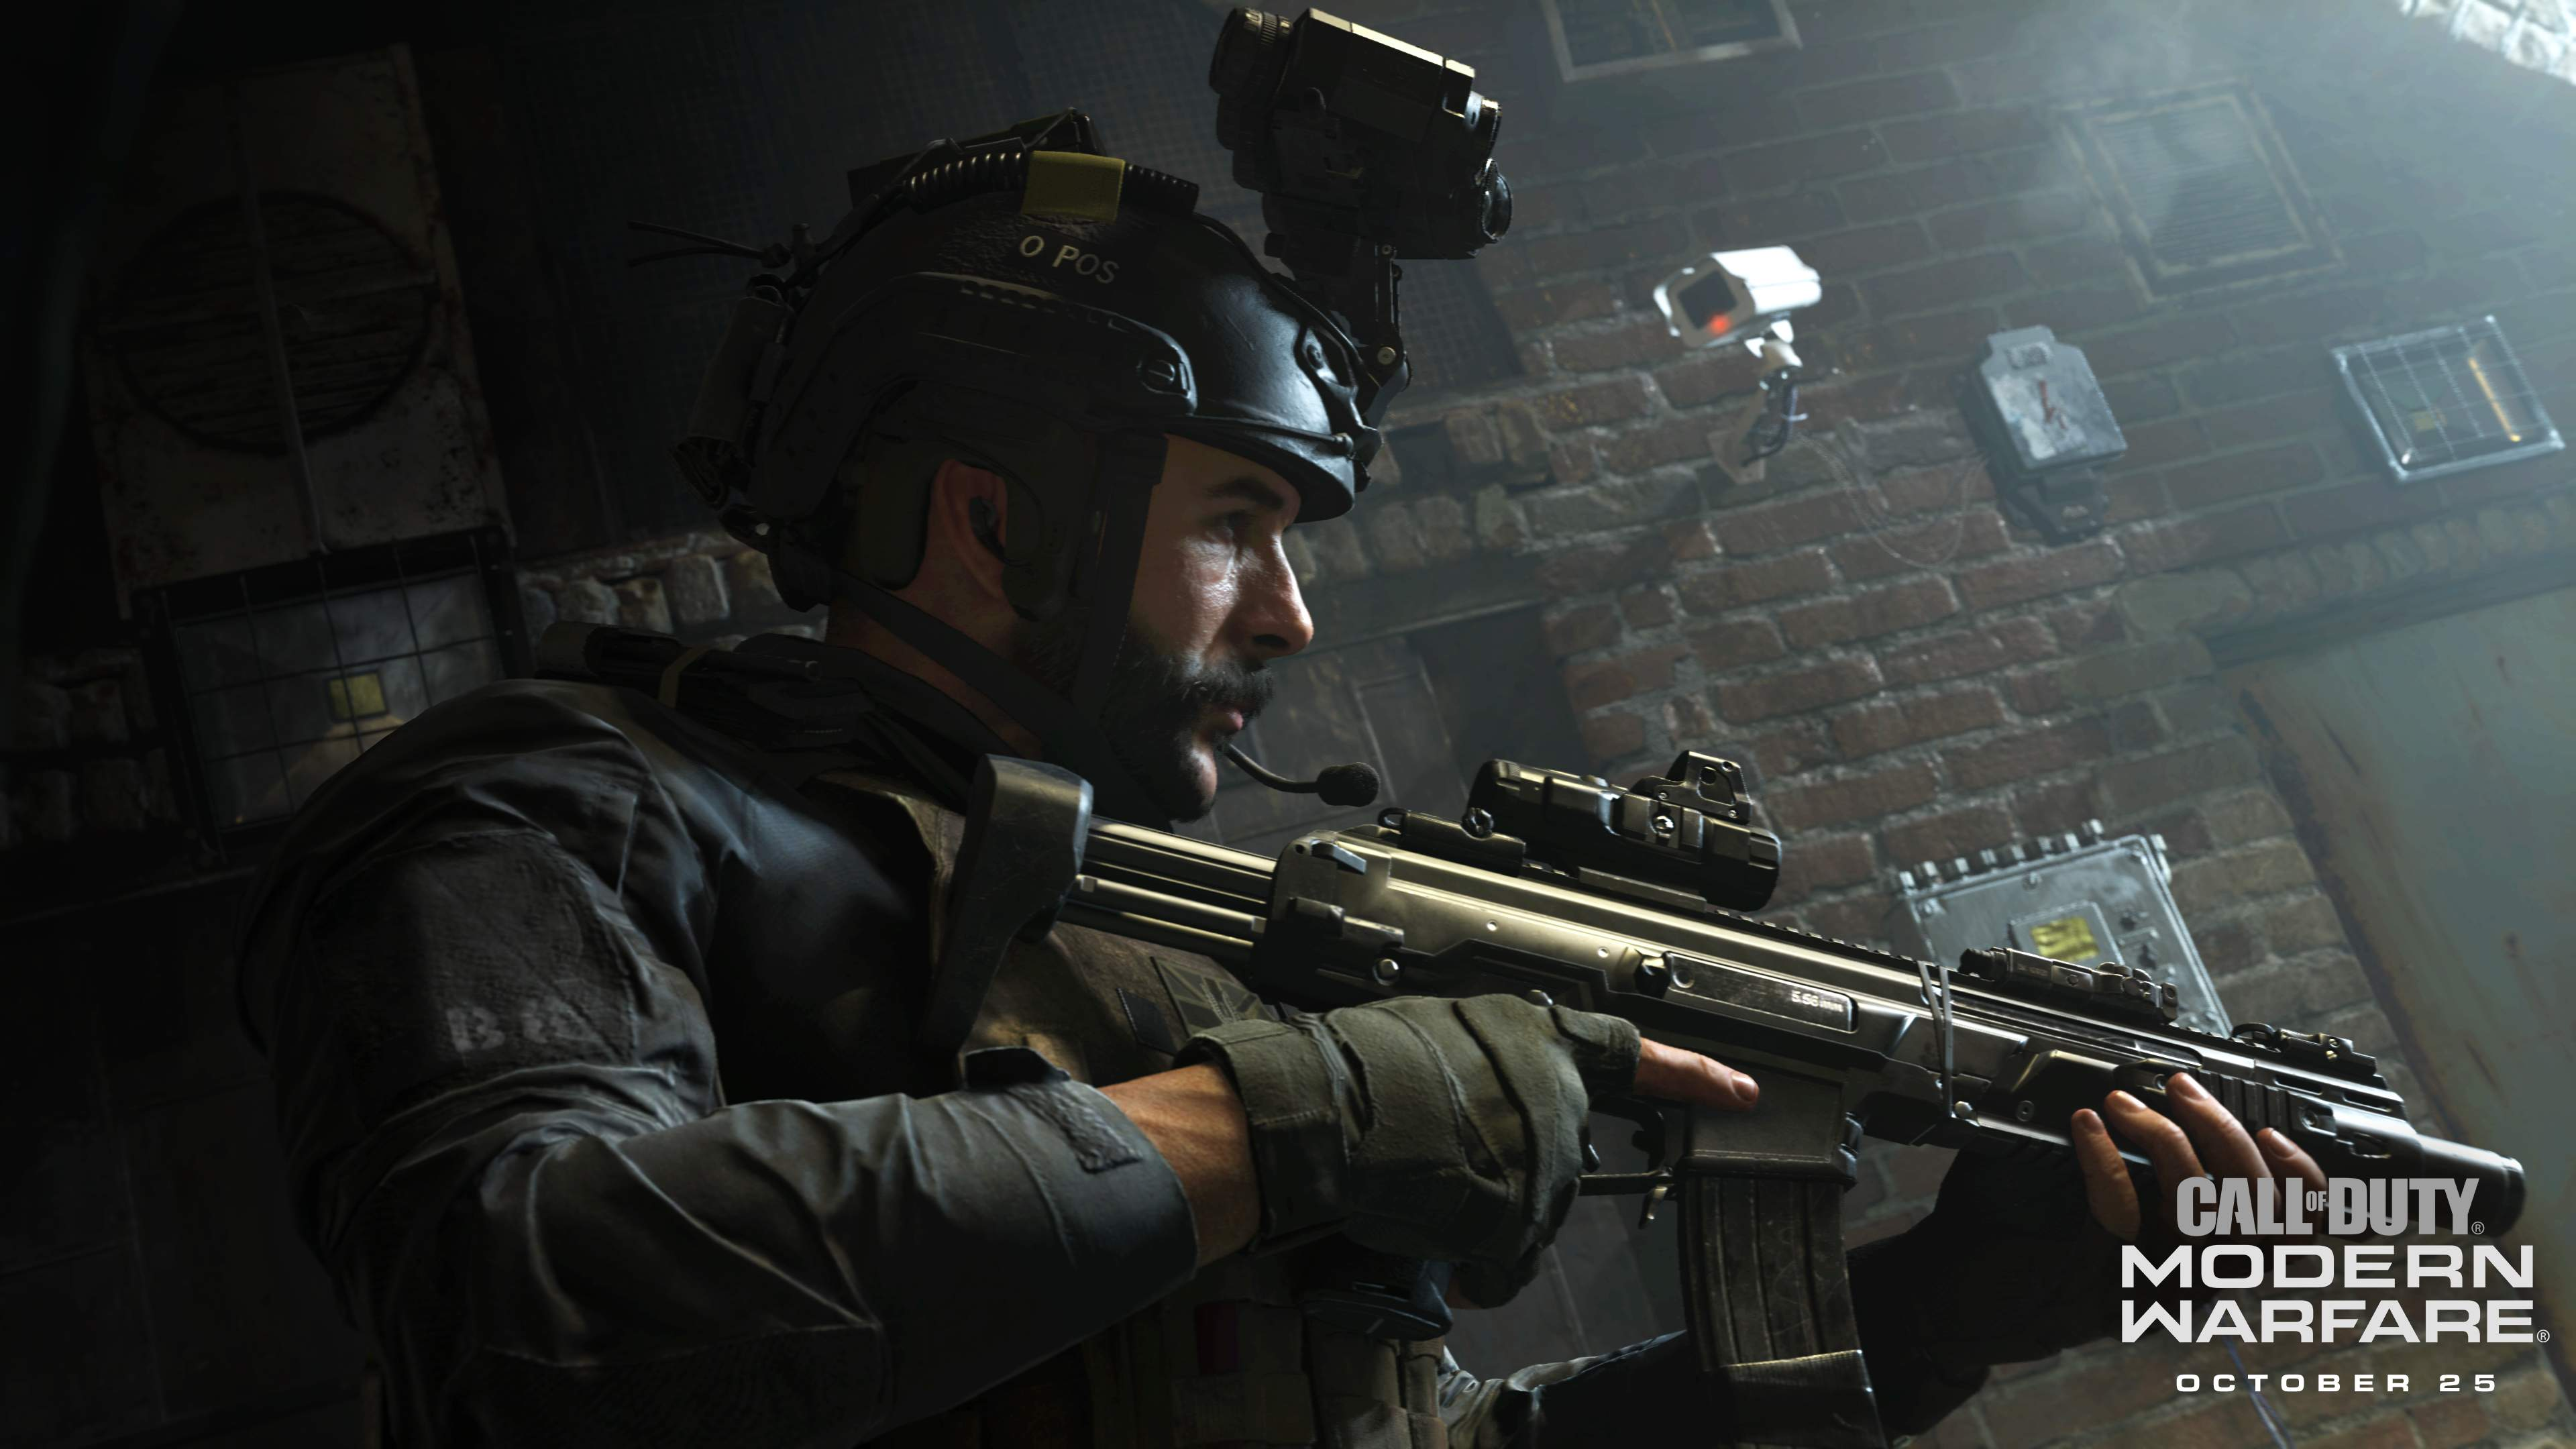 MW Reveal 03 wm Call of Duty; Modern Warfare stiže 25. oktobra!